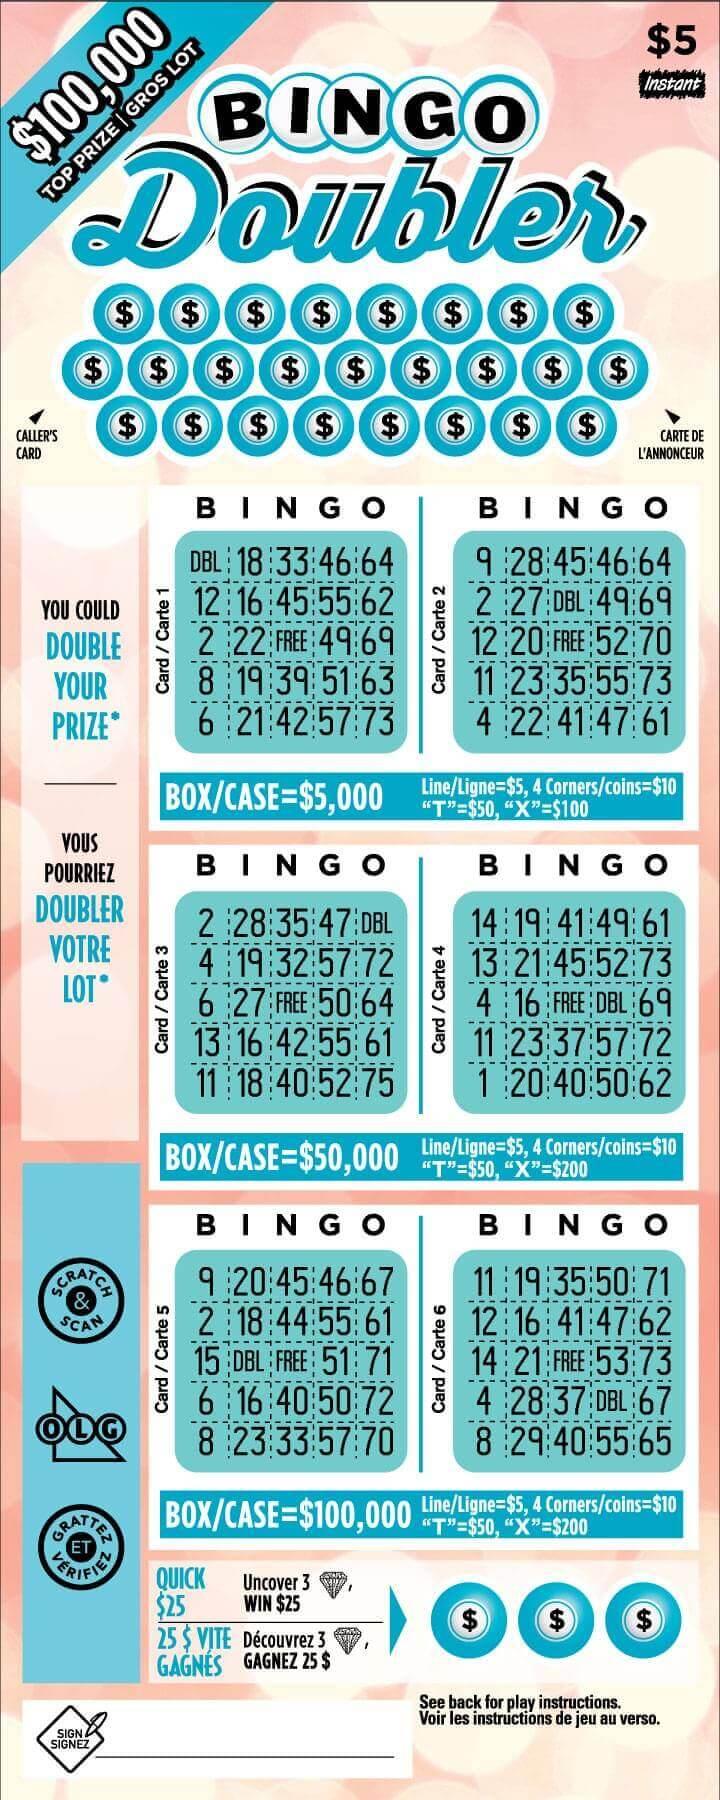 olg bingo doubler lottery ticket